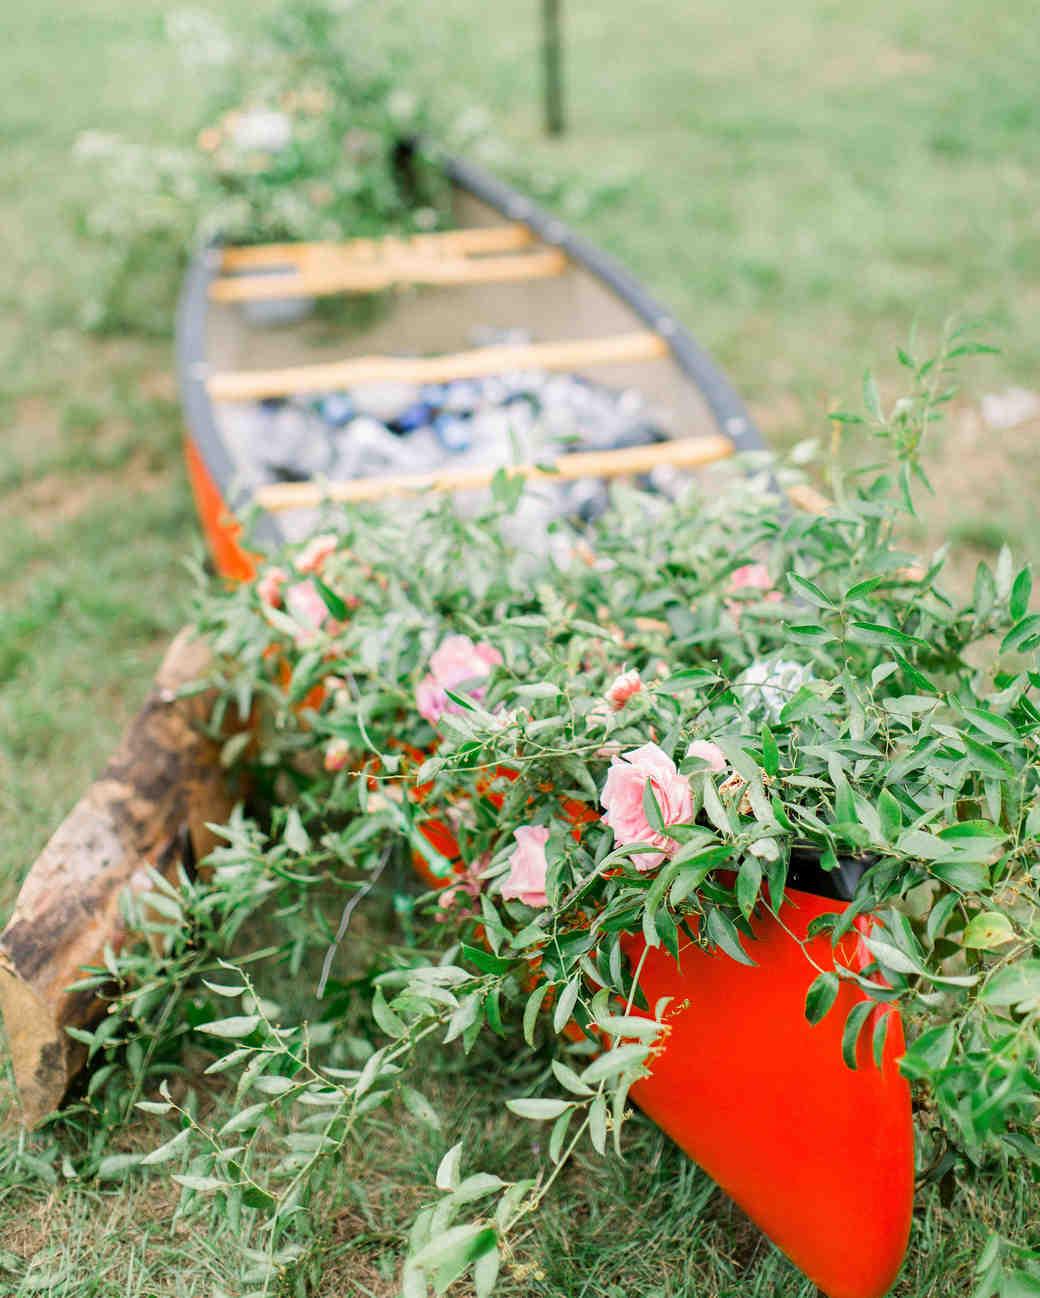 lauren josh wedding red canoe with flowers